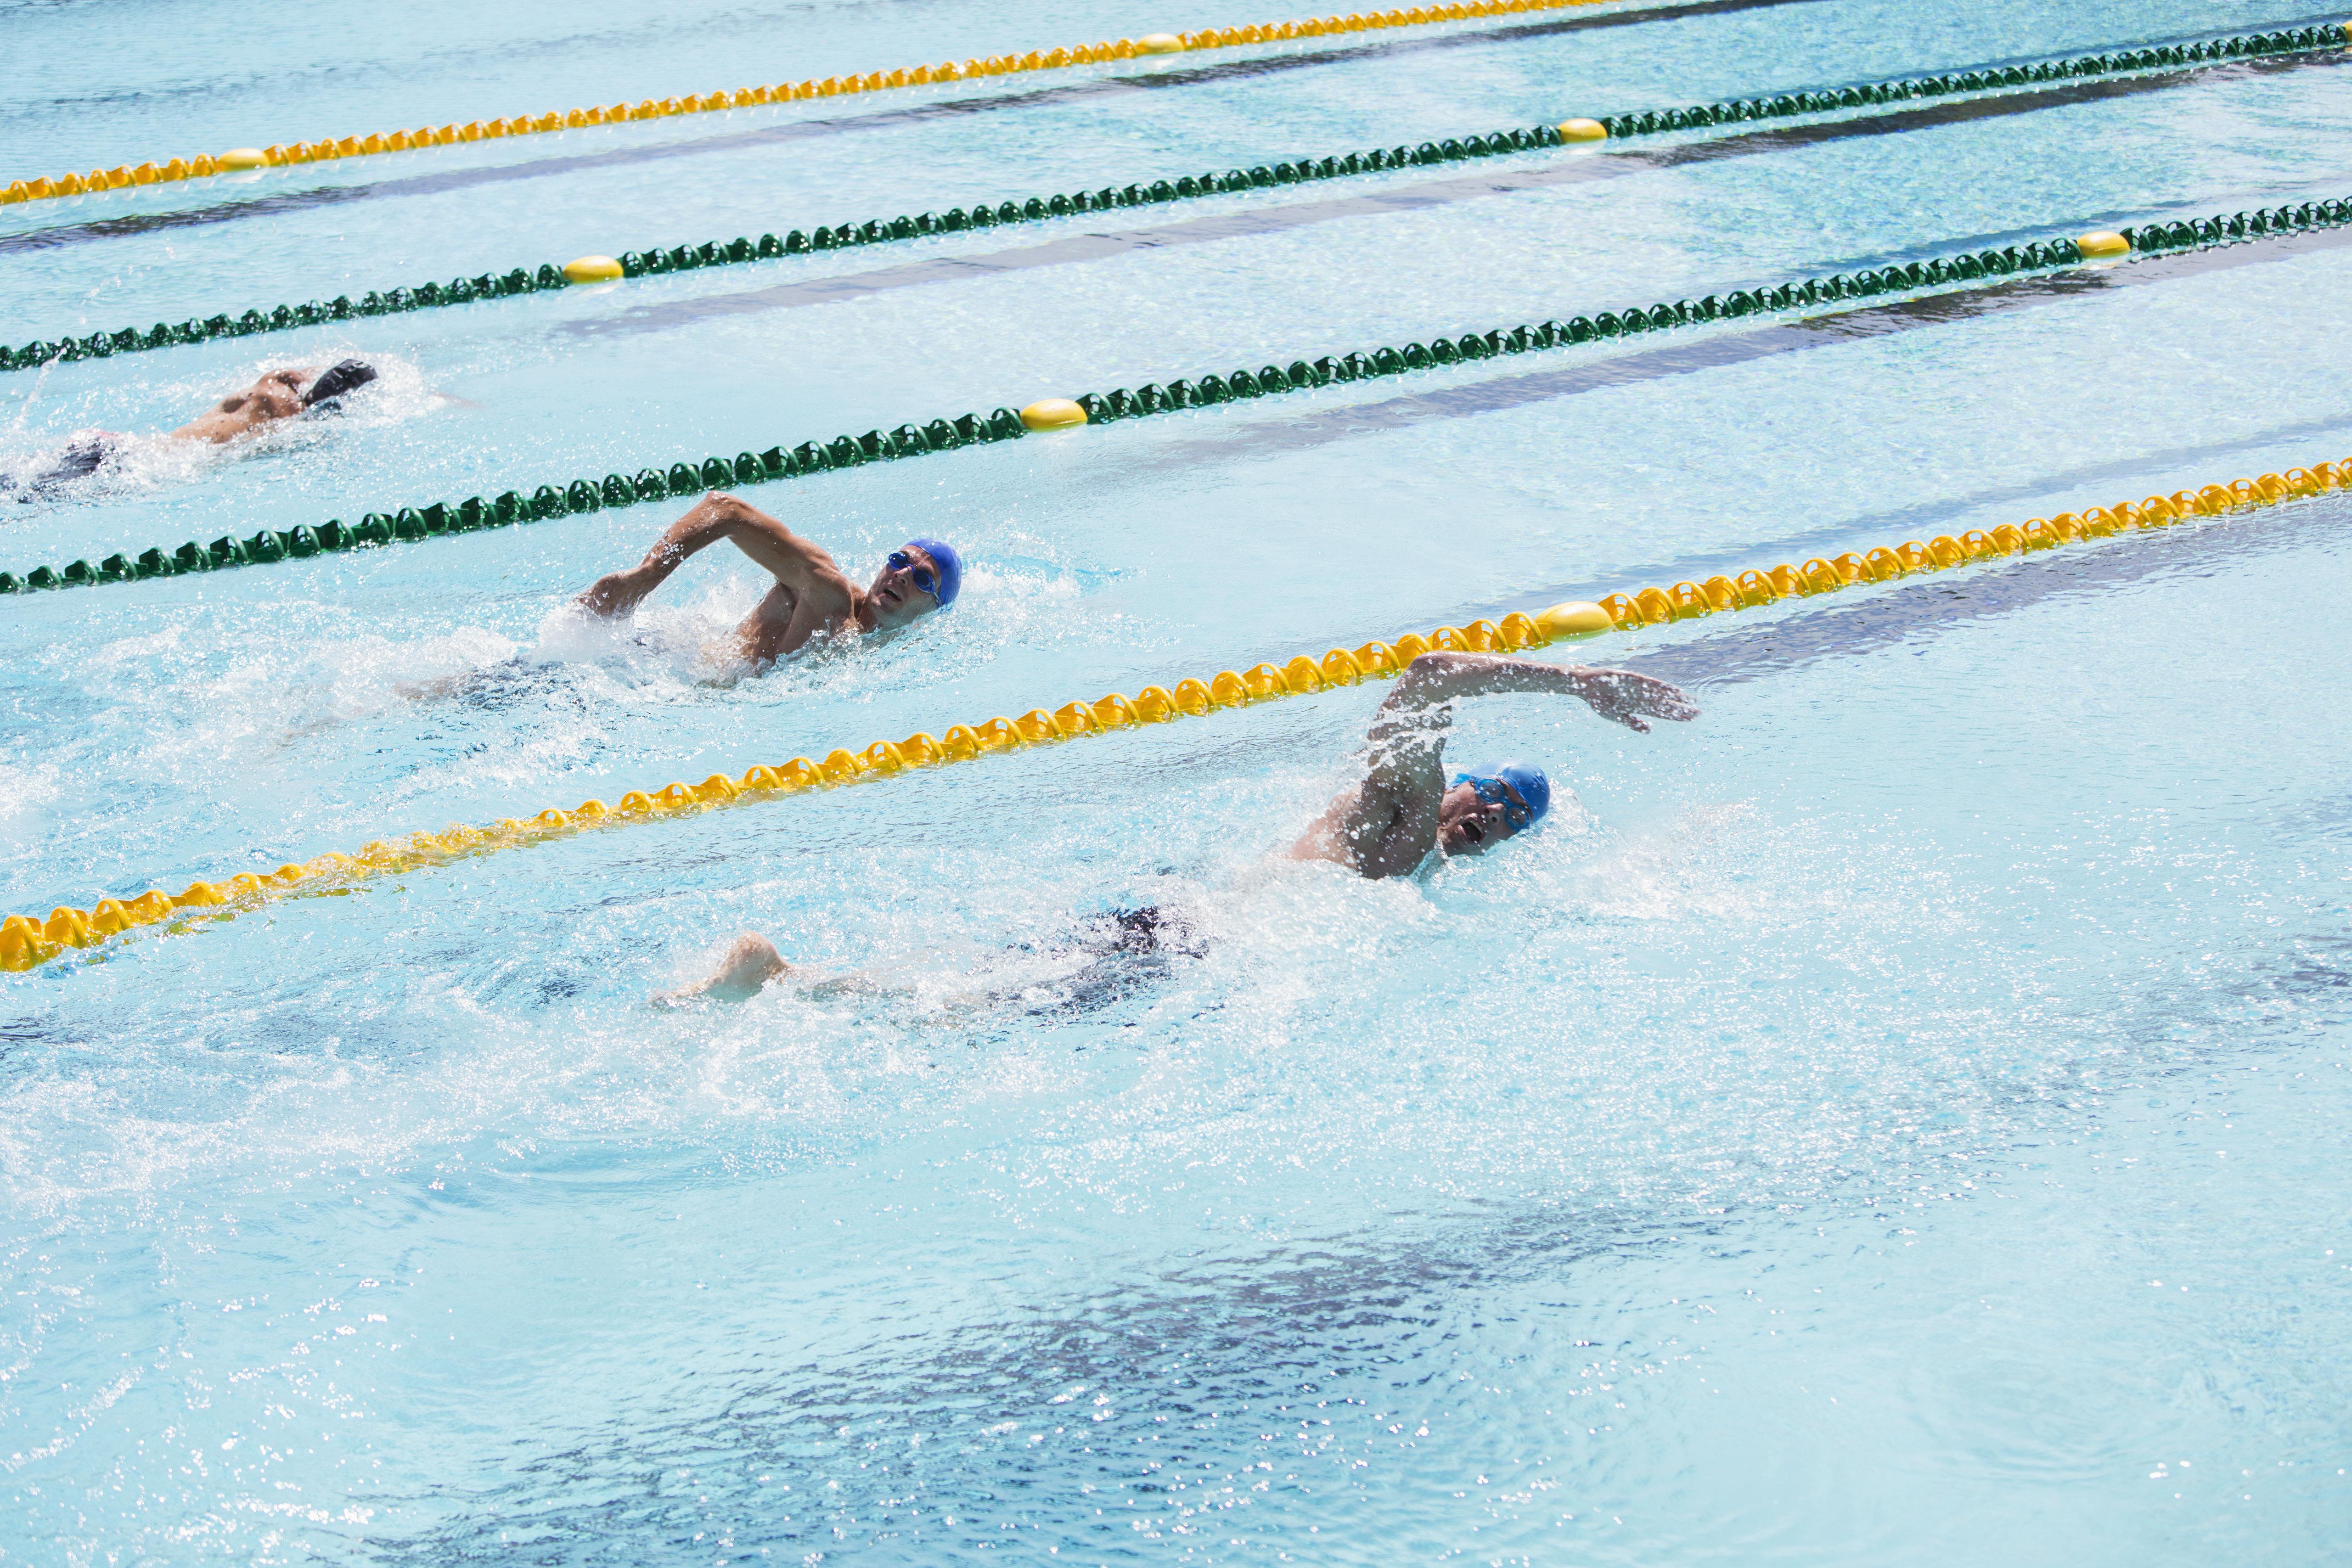 Championnat d'Afrique de natation : plus de 200 athlètes attendus à